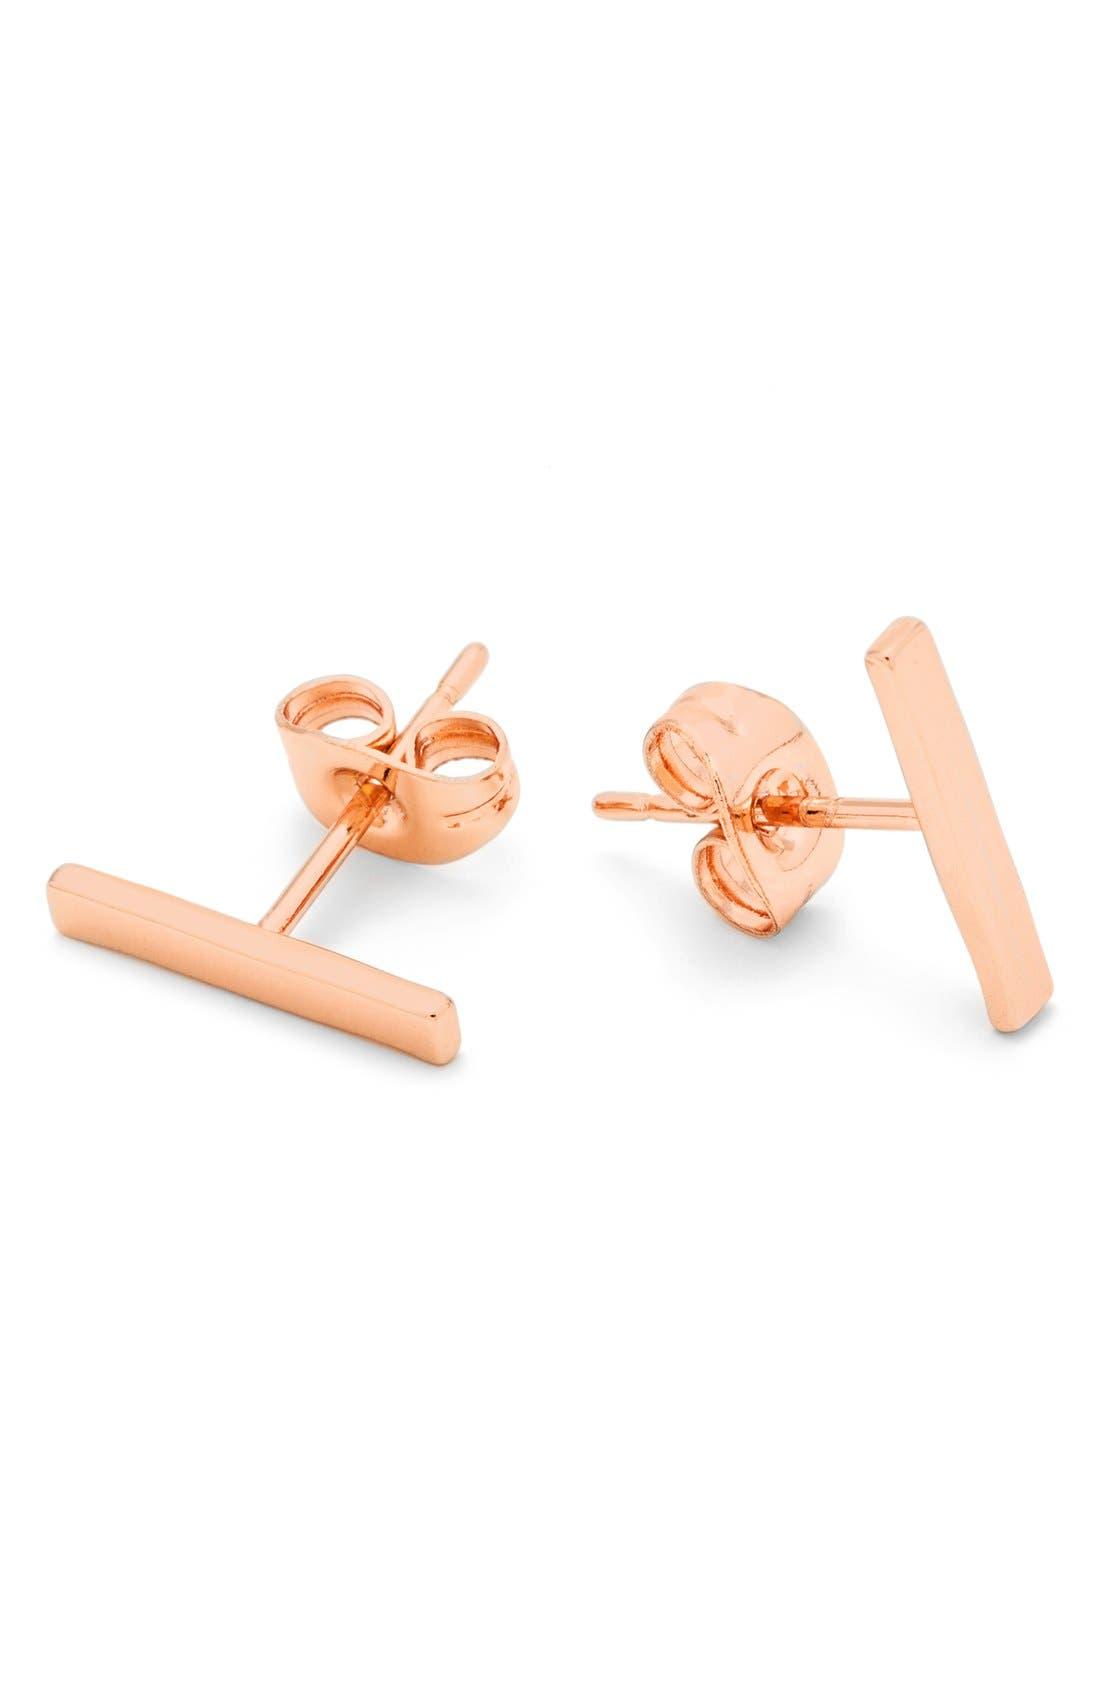 GORJANA, Taner Mini Stud Earrings, Alternate thumbnail 3, color, ROSE GOLD